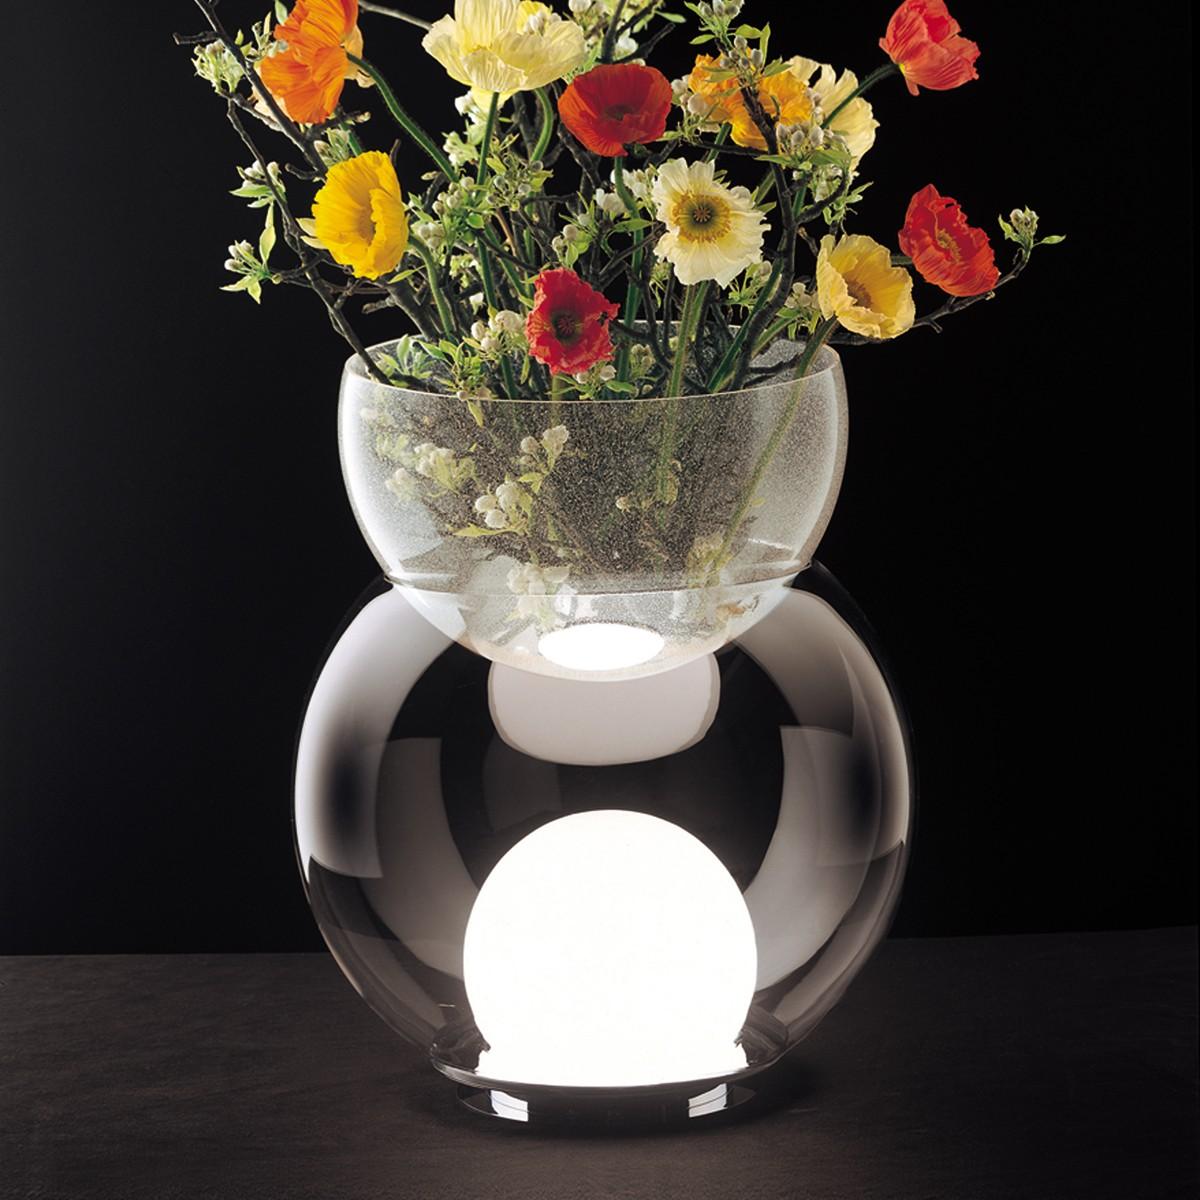 Fontana Arte Giova Tischleuchte, Höhe: 59 cm, Glas